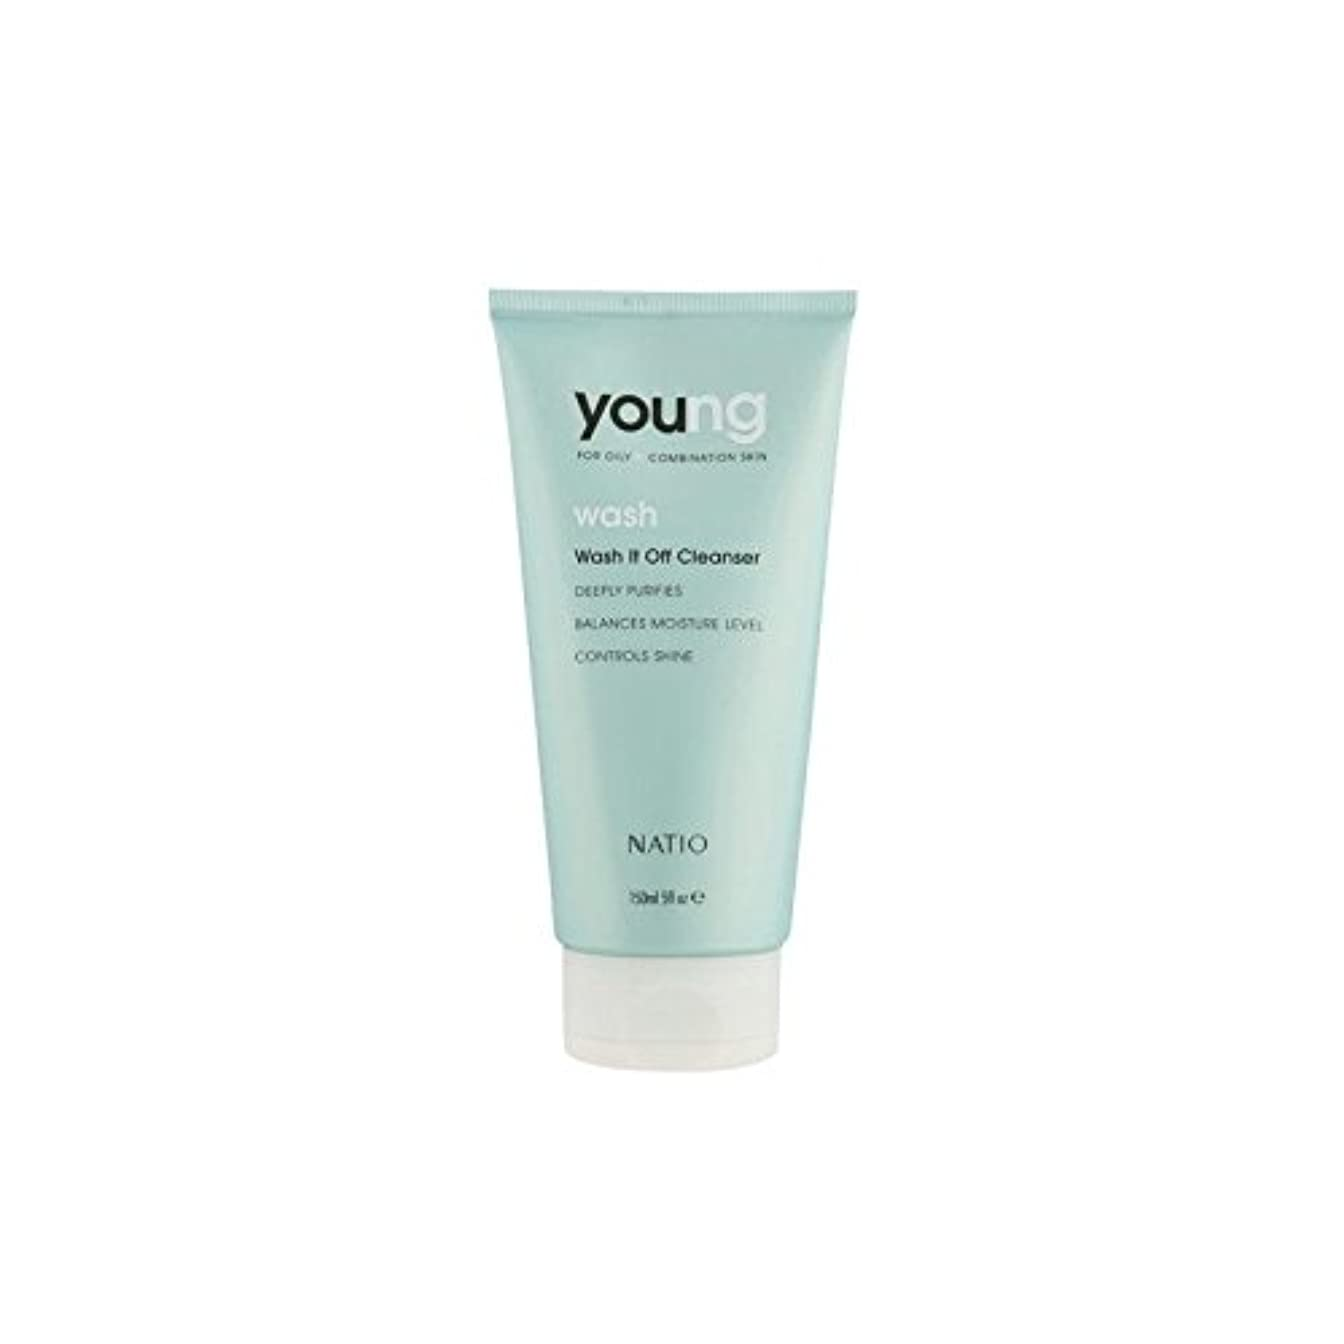 シソーラス船上オーバーランNatio Young Wash It Off Cleanser (150ml) (Pack of 6) - 若いウォッシュそれオフクレンザー(150ミリリットル) x6 [並行輸入品]